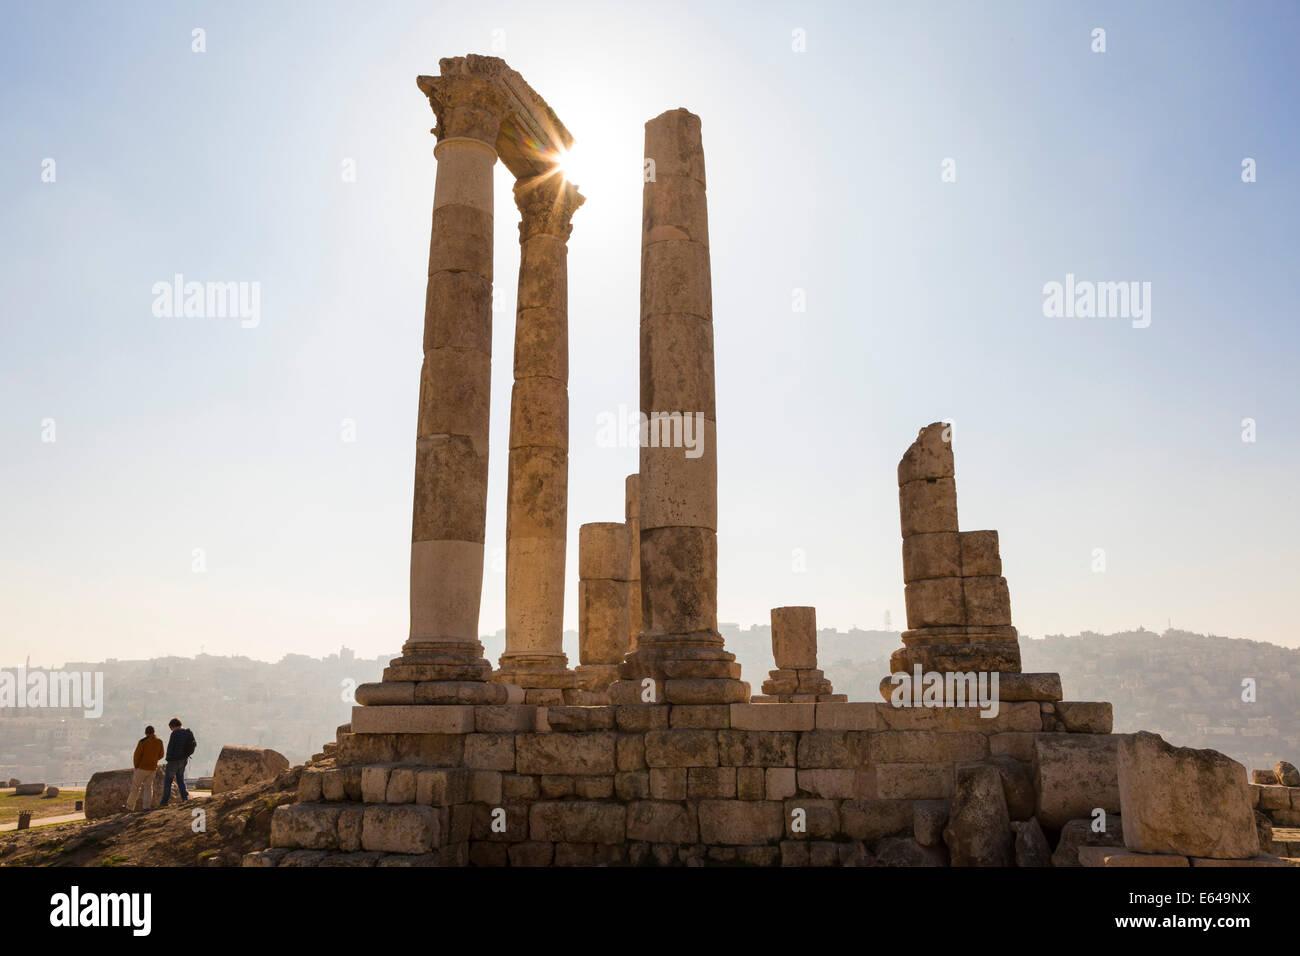 Restes du Temple d'Hercule sur la citadelle, Amman, Jordanie Photo Stock